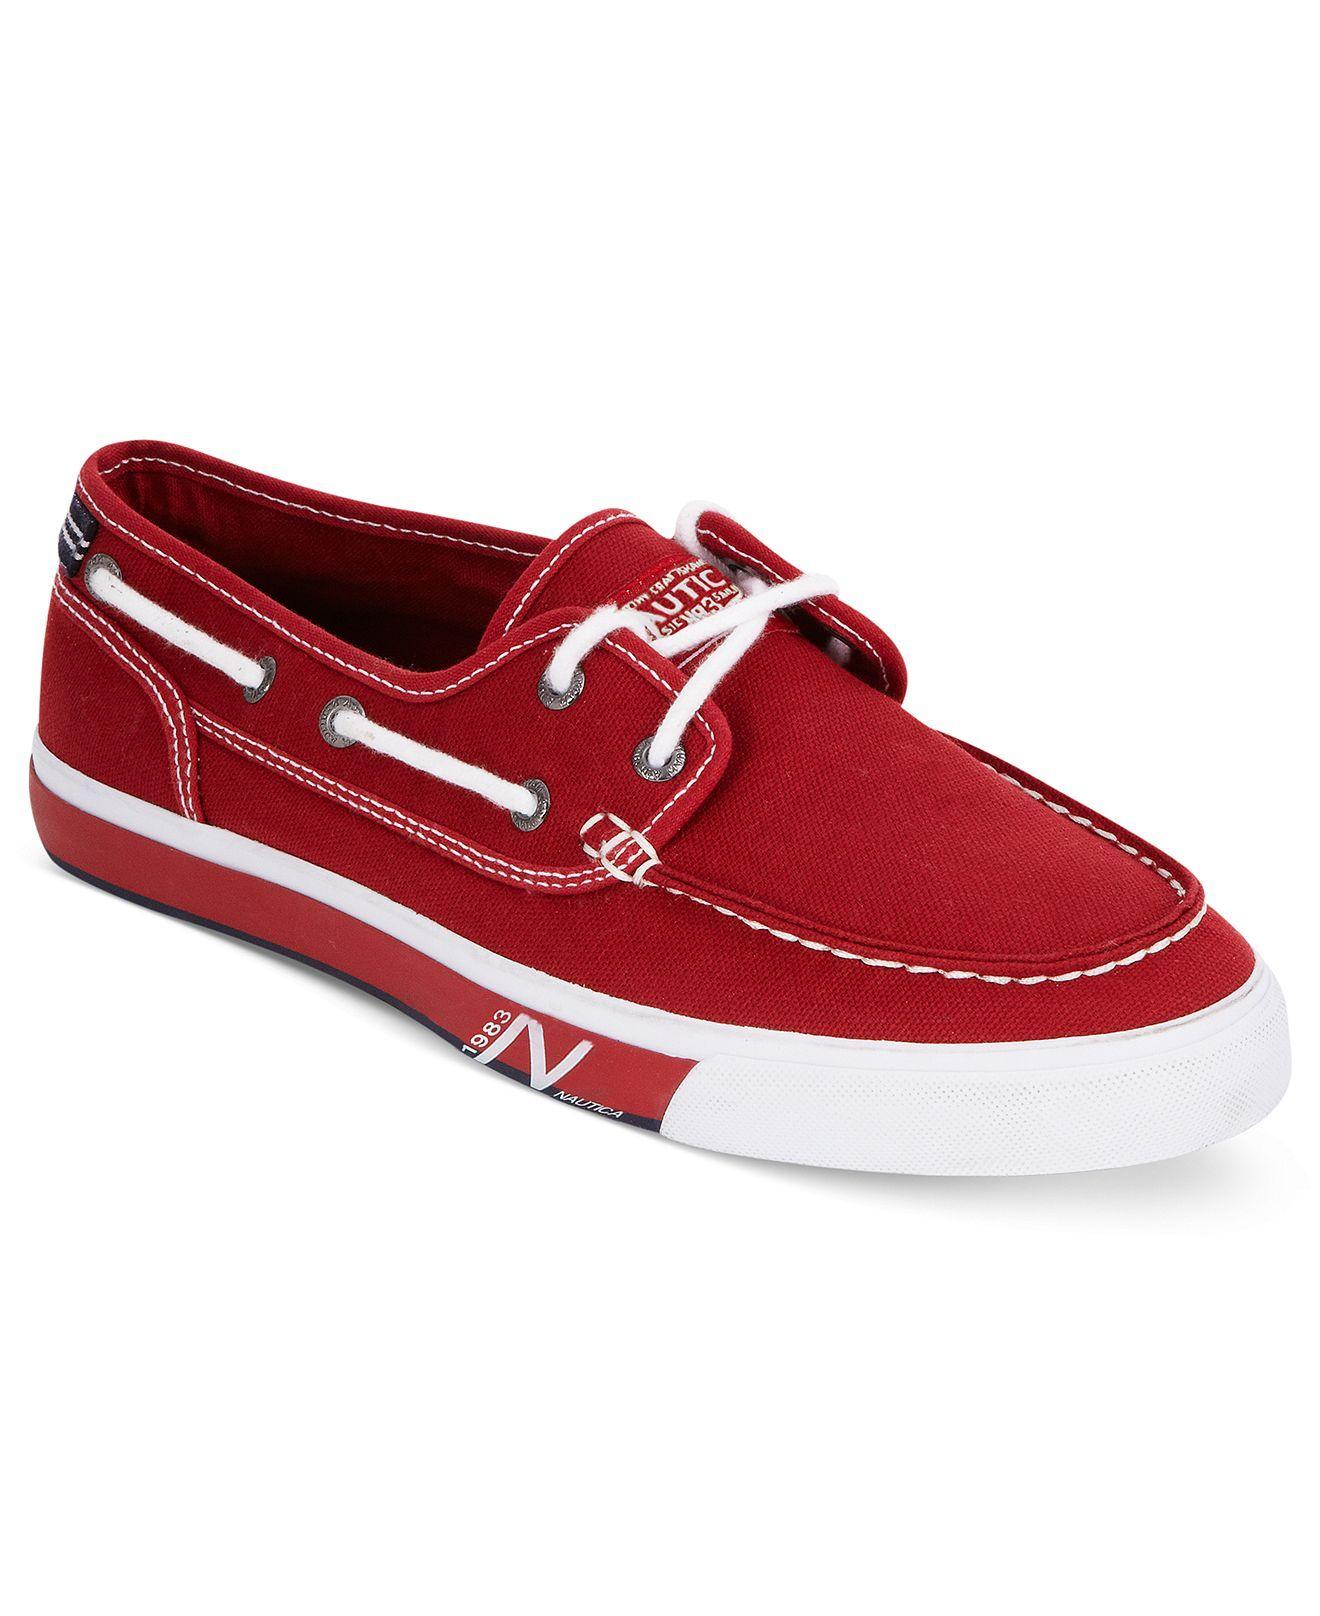 f8d88863e05 Nautica Shoes